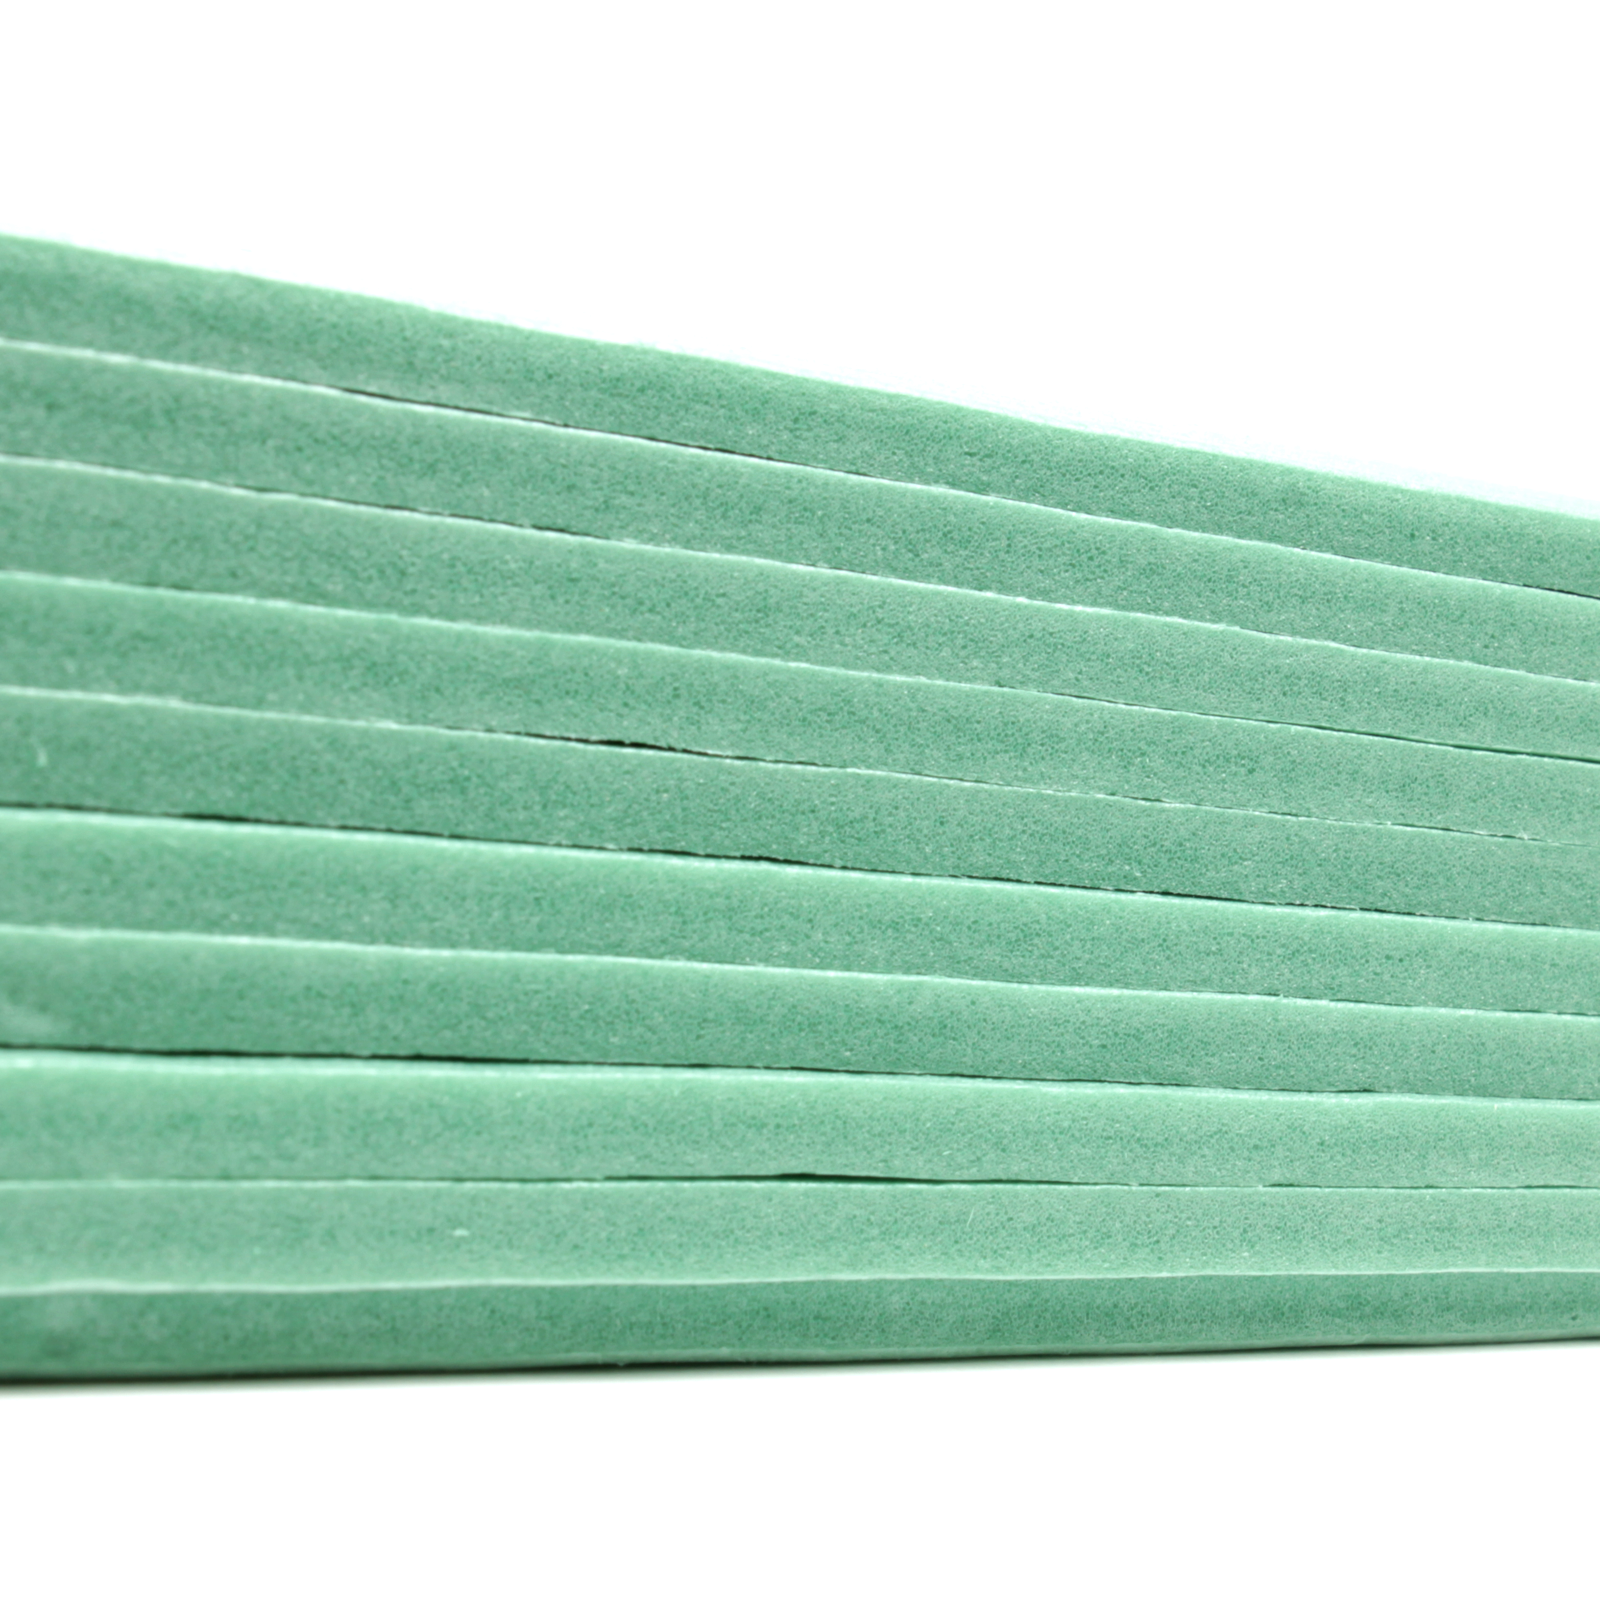 5-270 m² trittschalldämmung dämmung 5mm - xps green boden für